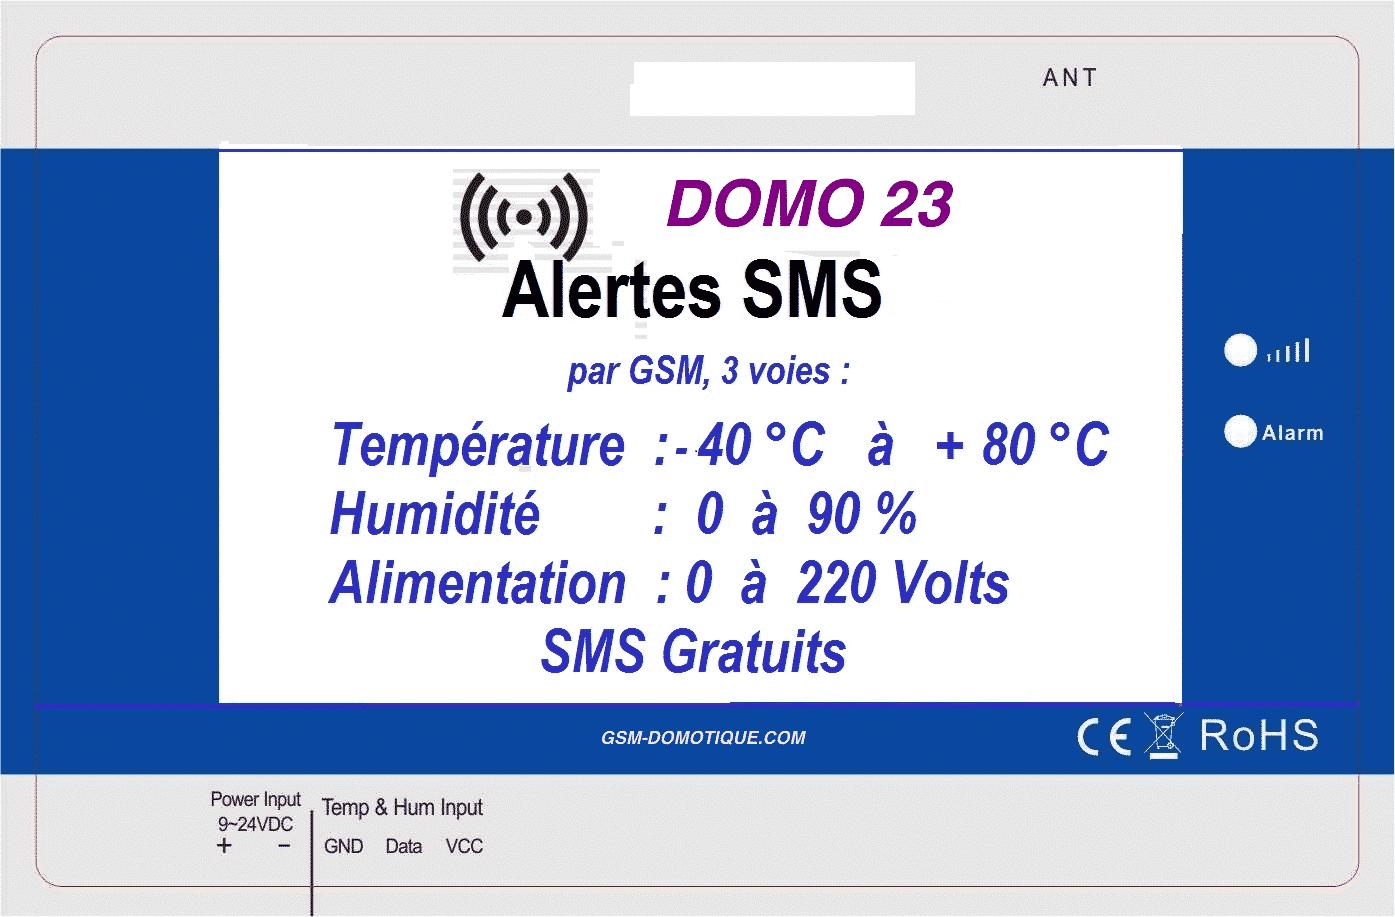 MODULE-GSM-TEMPERATURE - DOMO 23